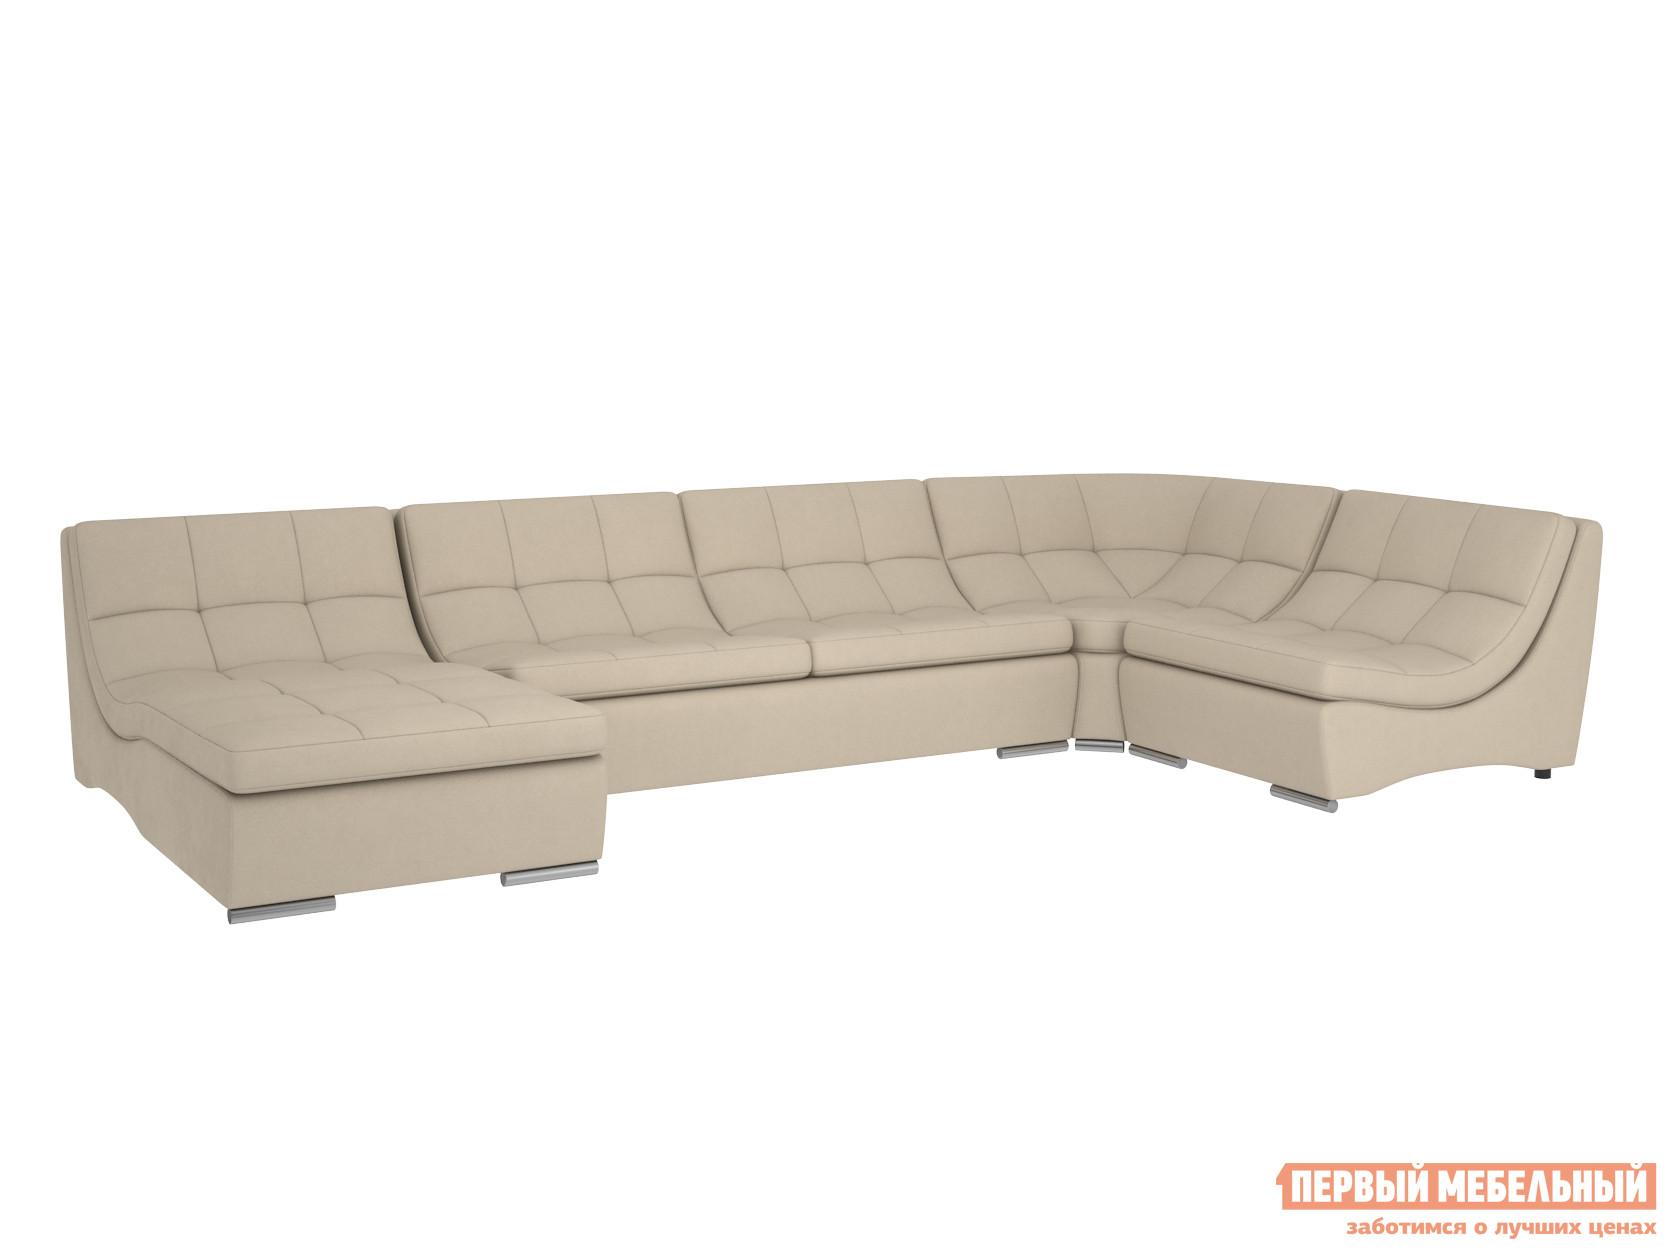 Угловой диван Первый Мебельный Модульная система Сан-Диего, вариант 3 модульная гардеробная система диван ру дели 8 белый